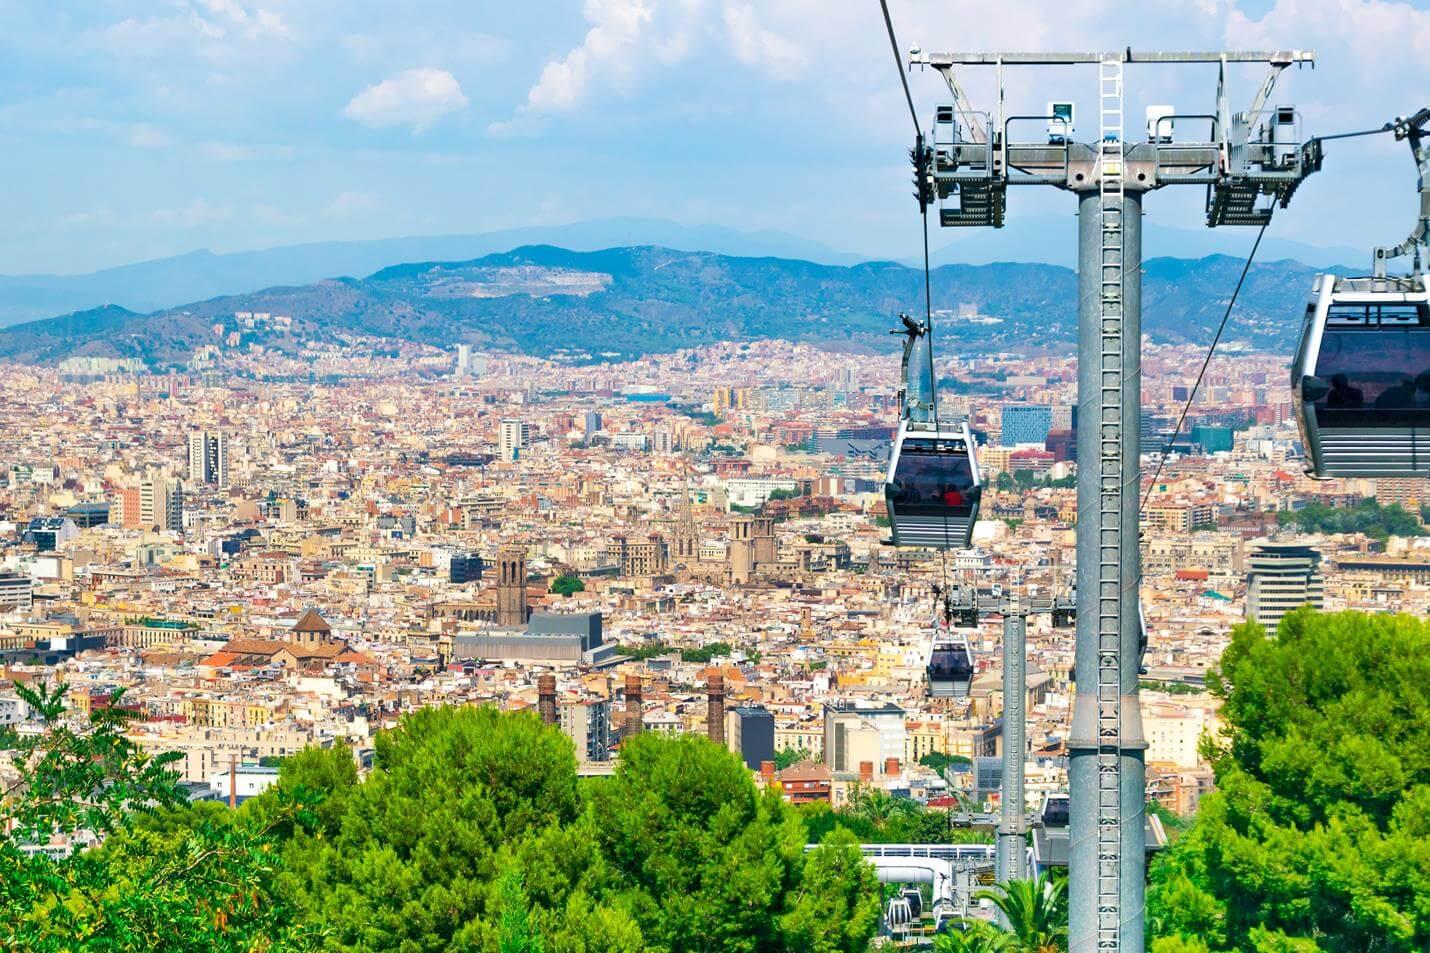 Teleferic de Montjuic - Top